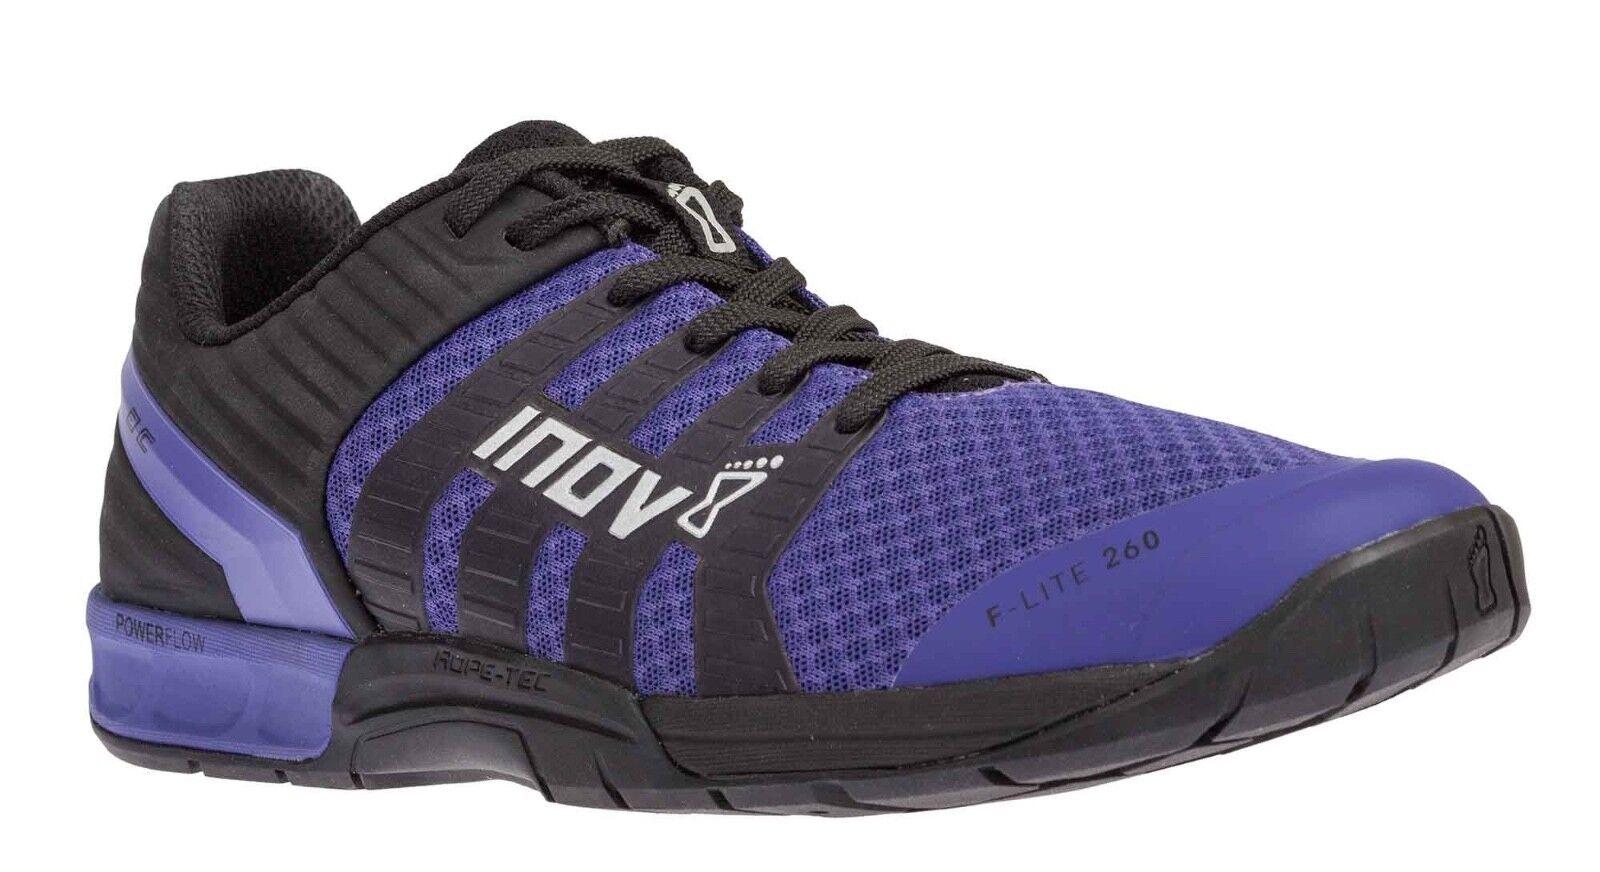 Inov 8 F-Lite 260 Femmes Chaussures De Course Violet Noir